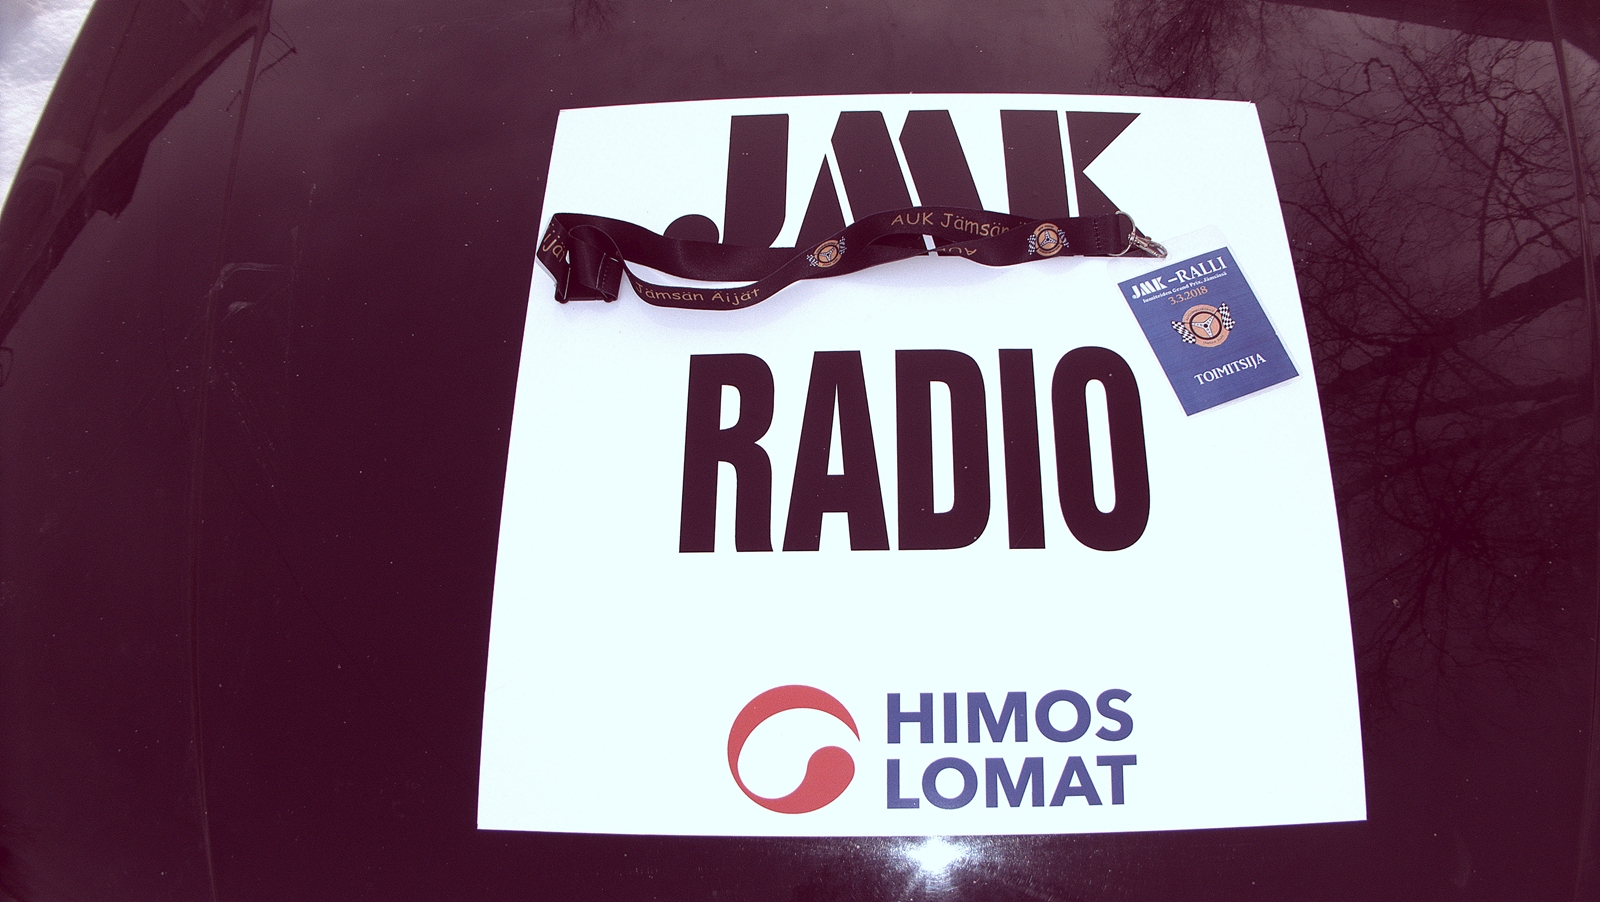 JMK Ralliradio osa 1 - Viimeinen Alfa radioshow